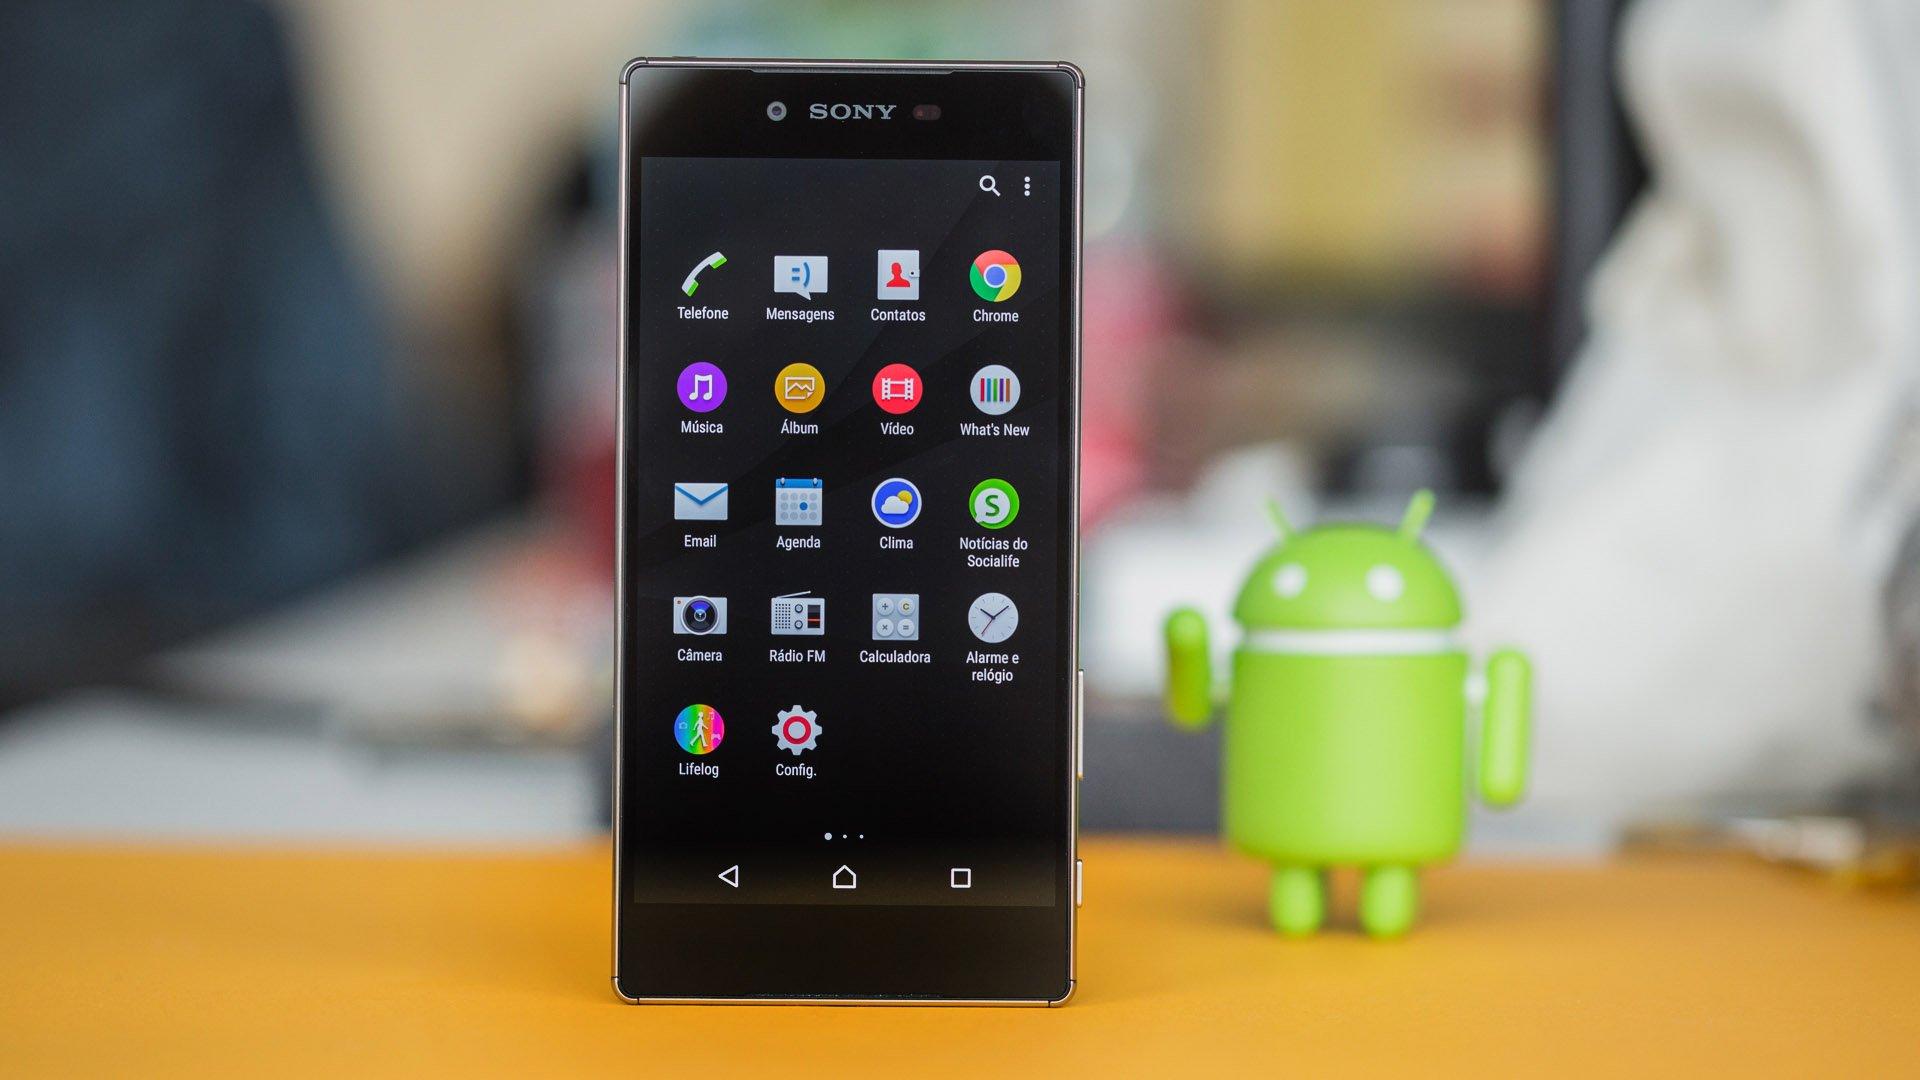 اولین گوشی 4K جهان Sony Xperia Z5